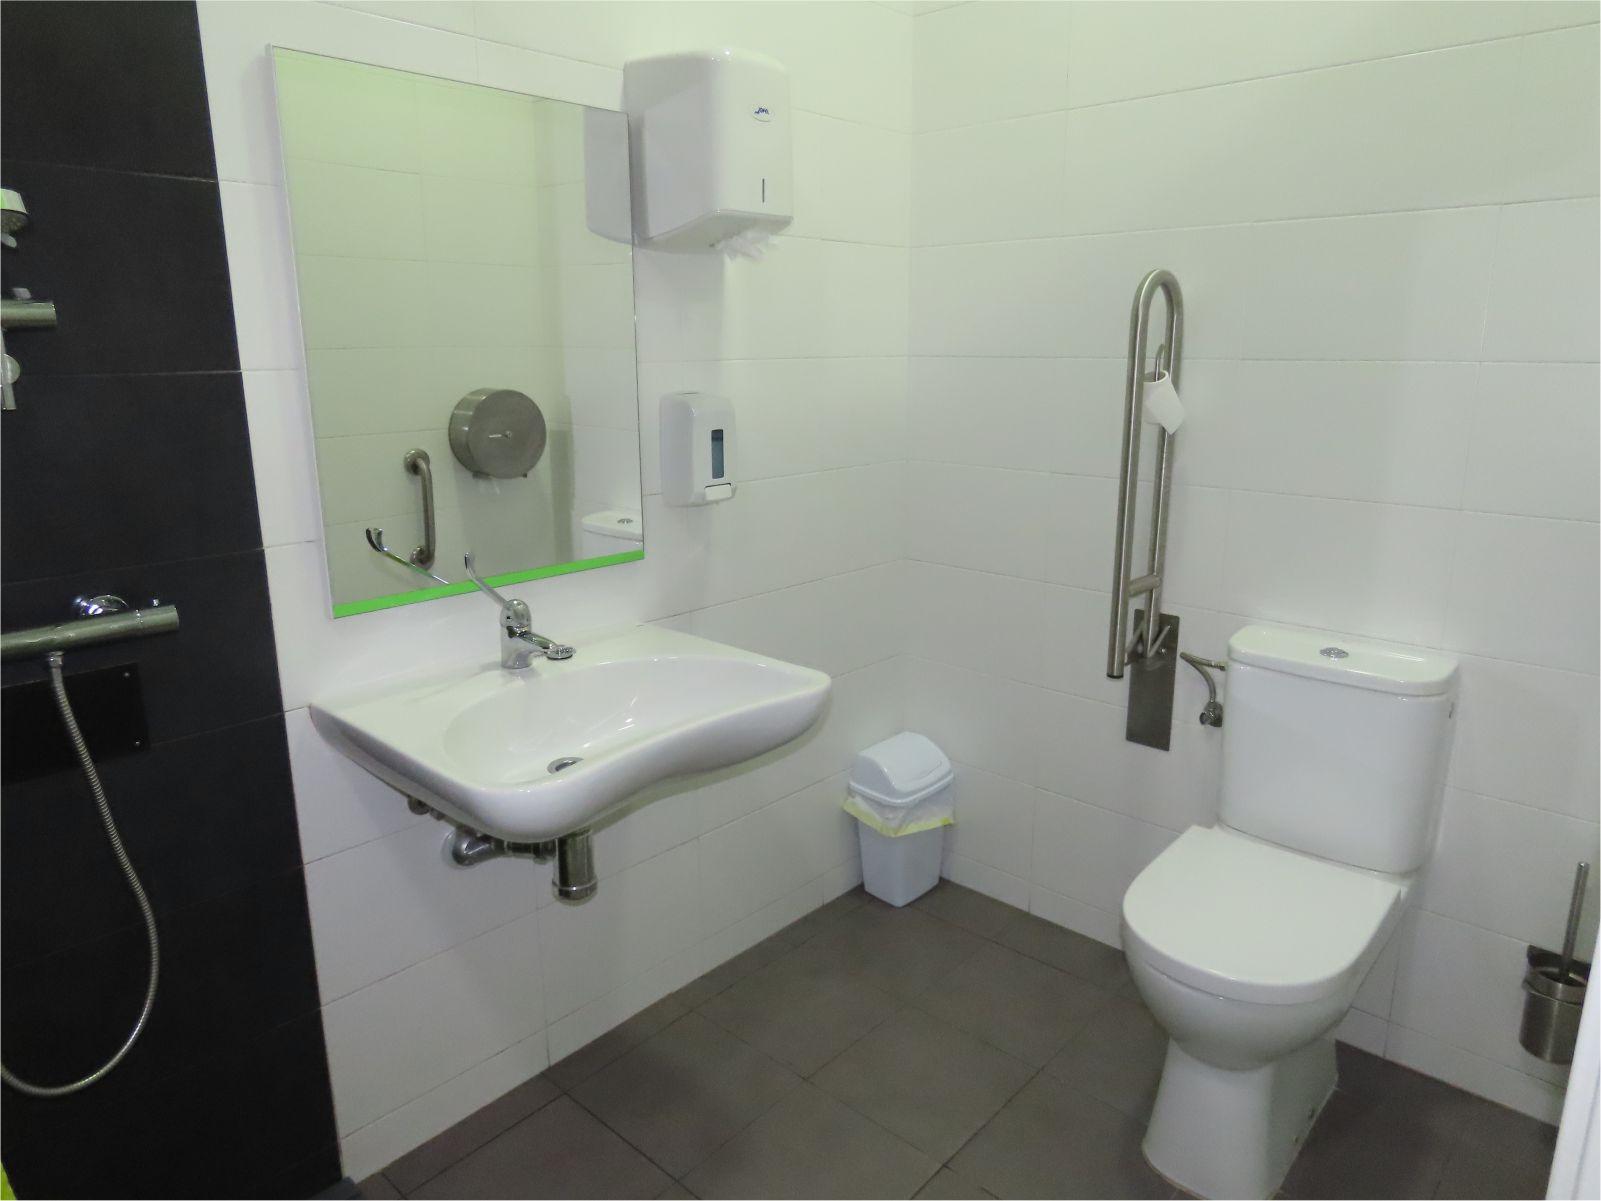 Baño para discapacitados - Disabled bathroom - Albergue Corredoiras